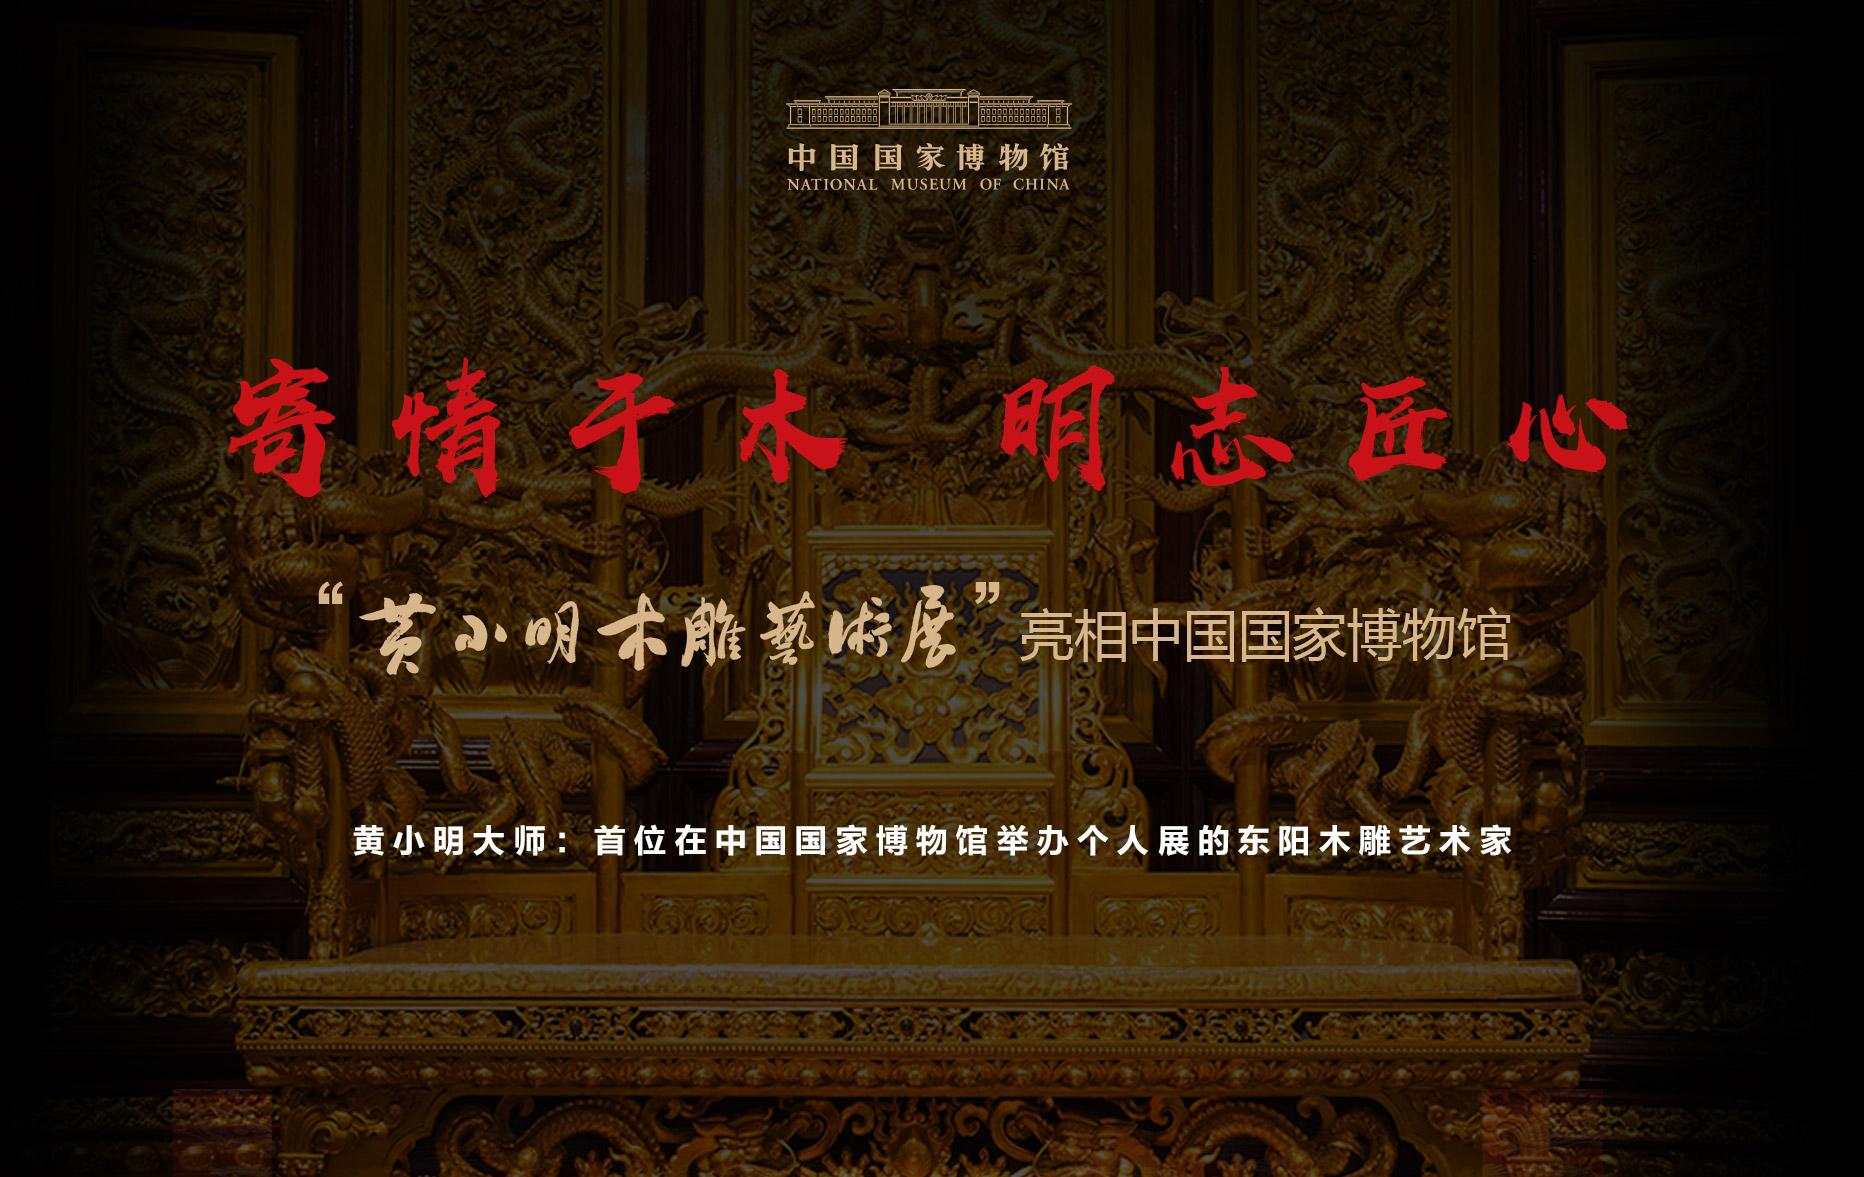 黄小明大师国博展